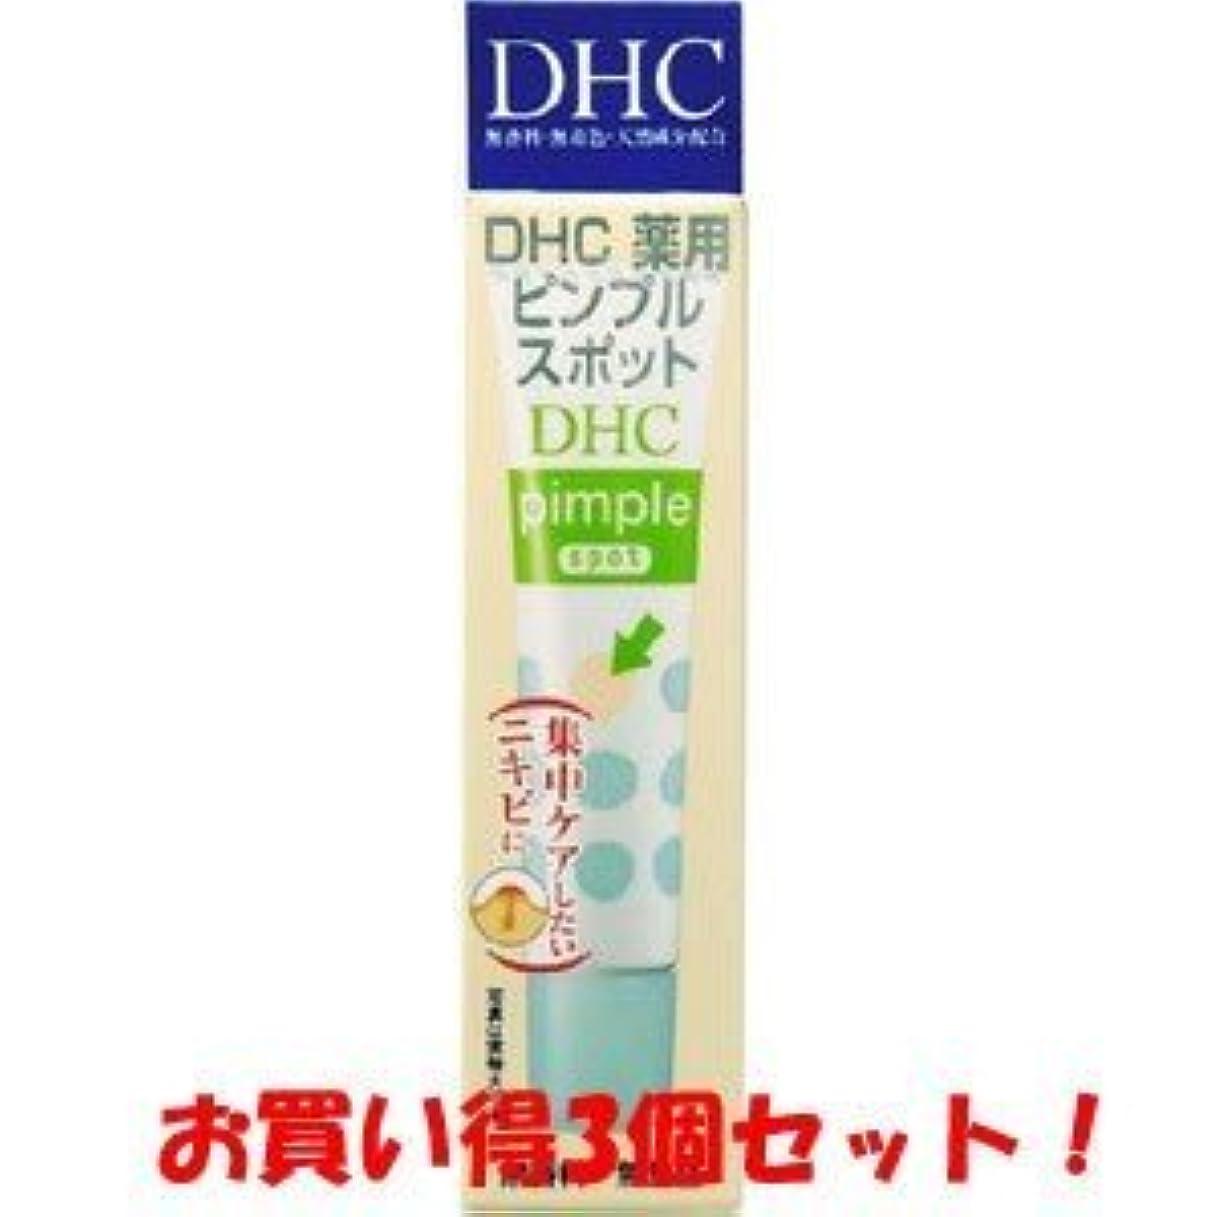 緊張する衝突許可DHC 薬用ピンプルスポット 15ml(医薬部外品)(お買い得3個セット)